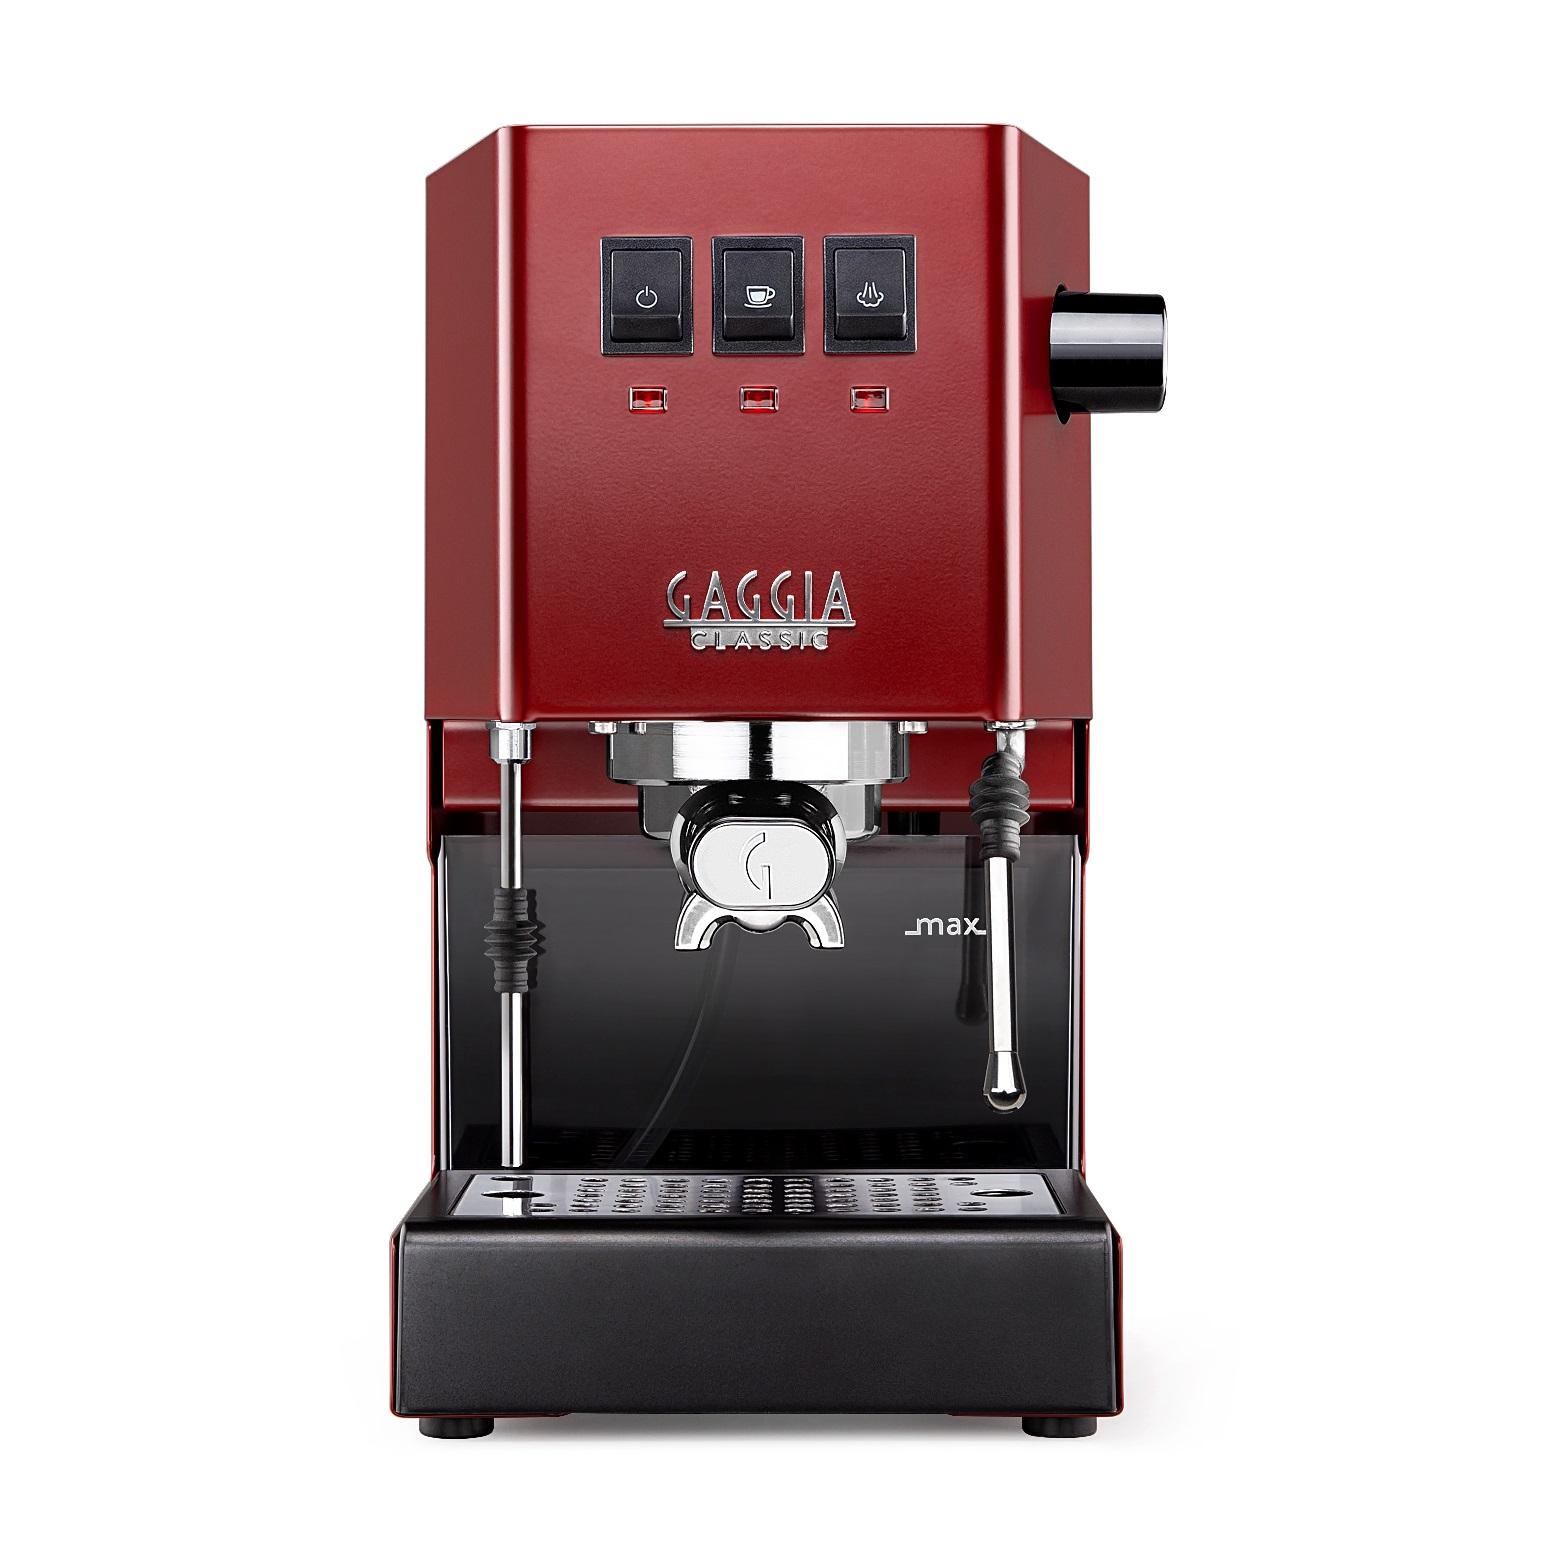 Espressor Gaggia Classic Pro Red, 1050 W, 2.1 L, 15 bar